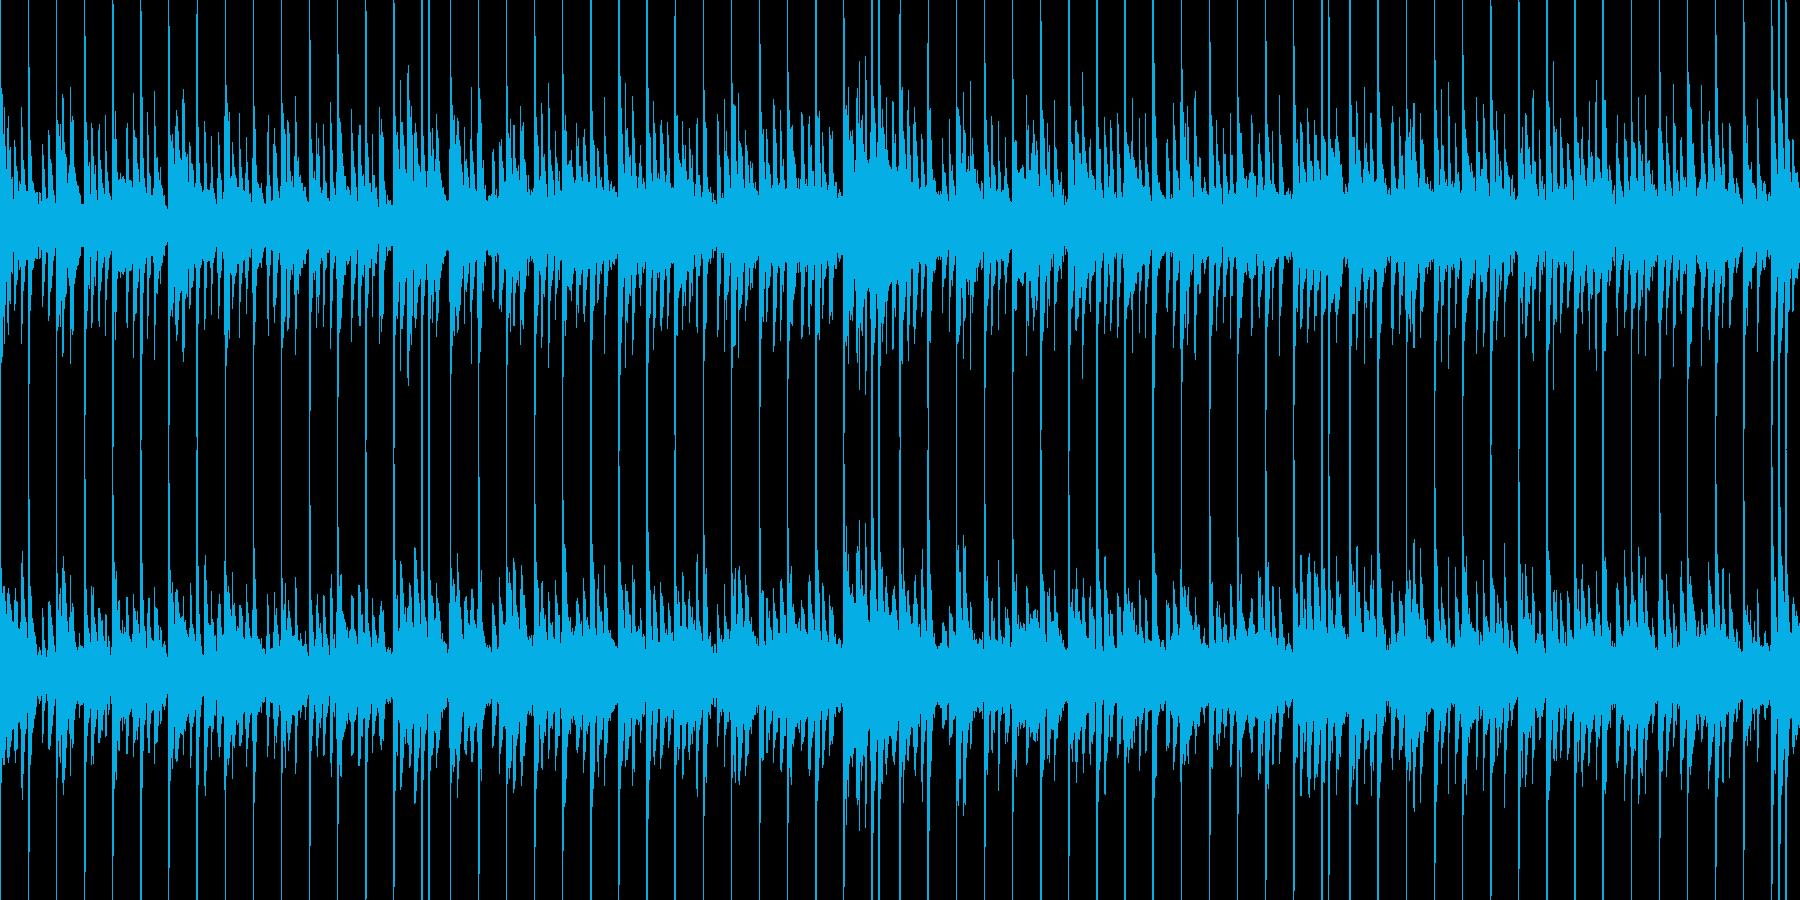 少し和風で幻想的なインストの再生済みの波形